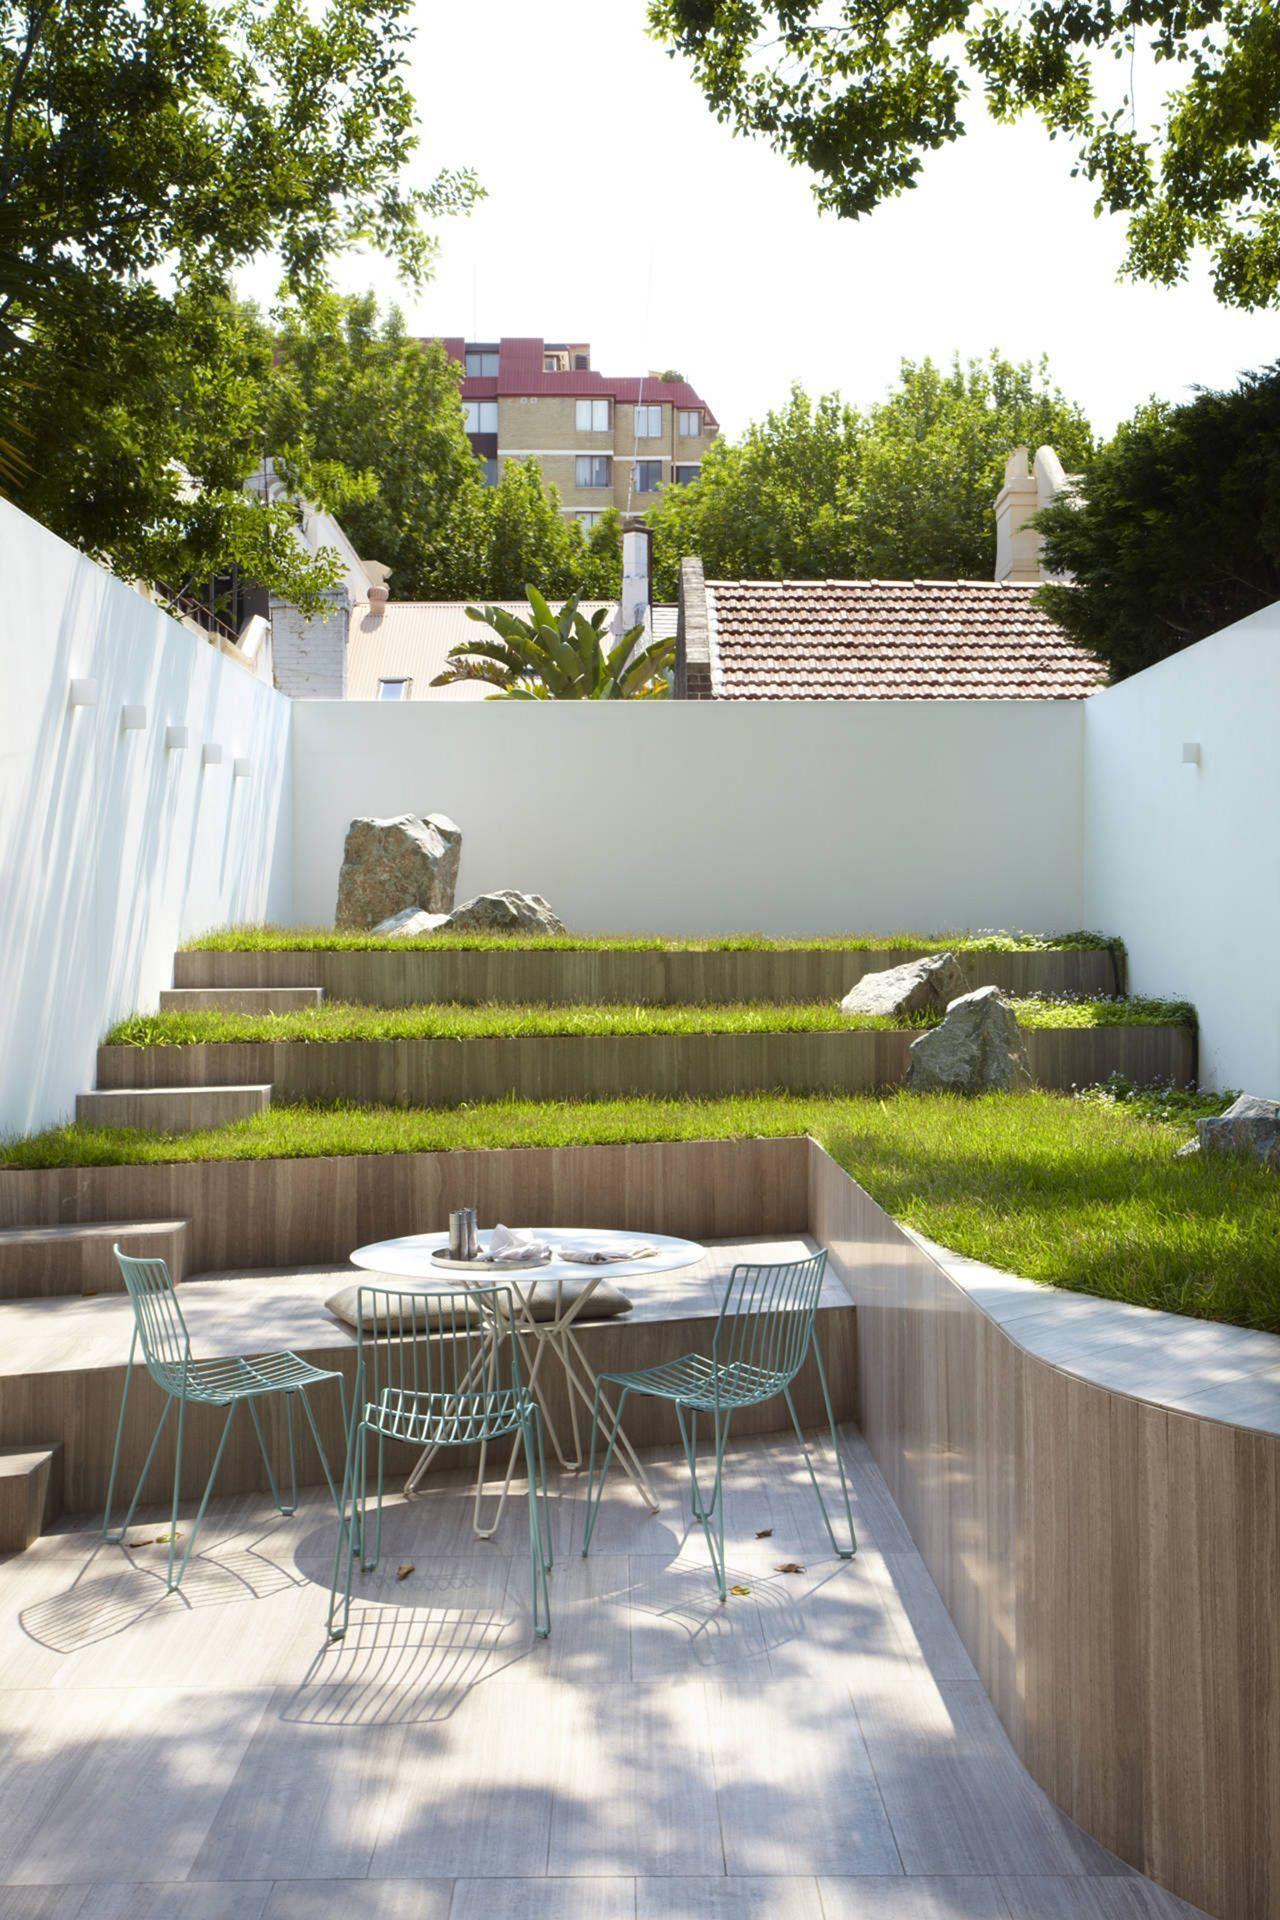 Front Garden Design Ideas Bloxburg Gardendesignideas Backyard Garden Design Backyard Minimalist Garden Modern backyard ideas bloxburg